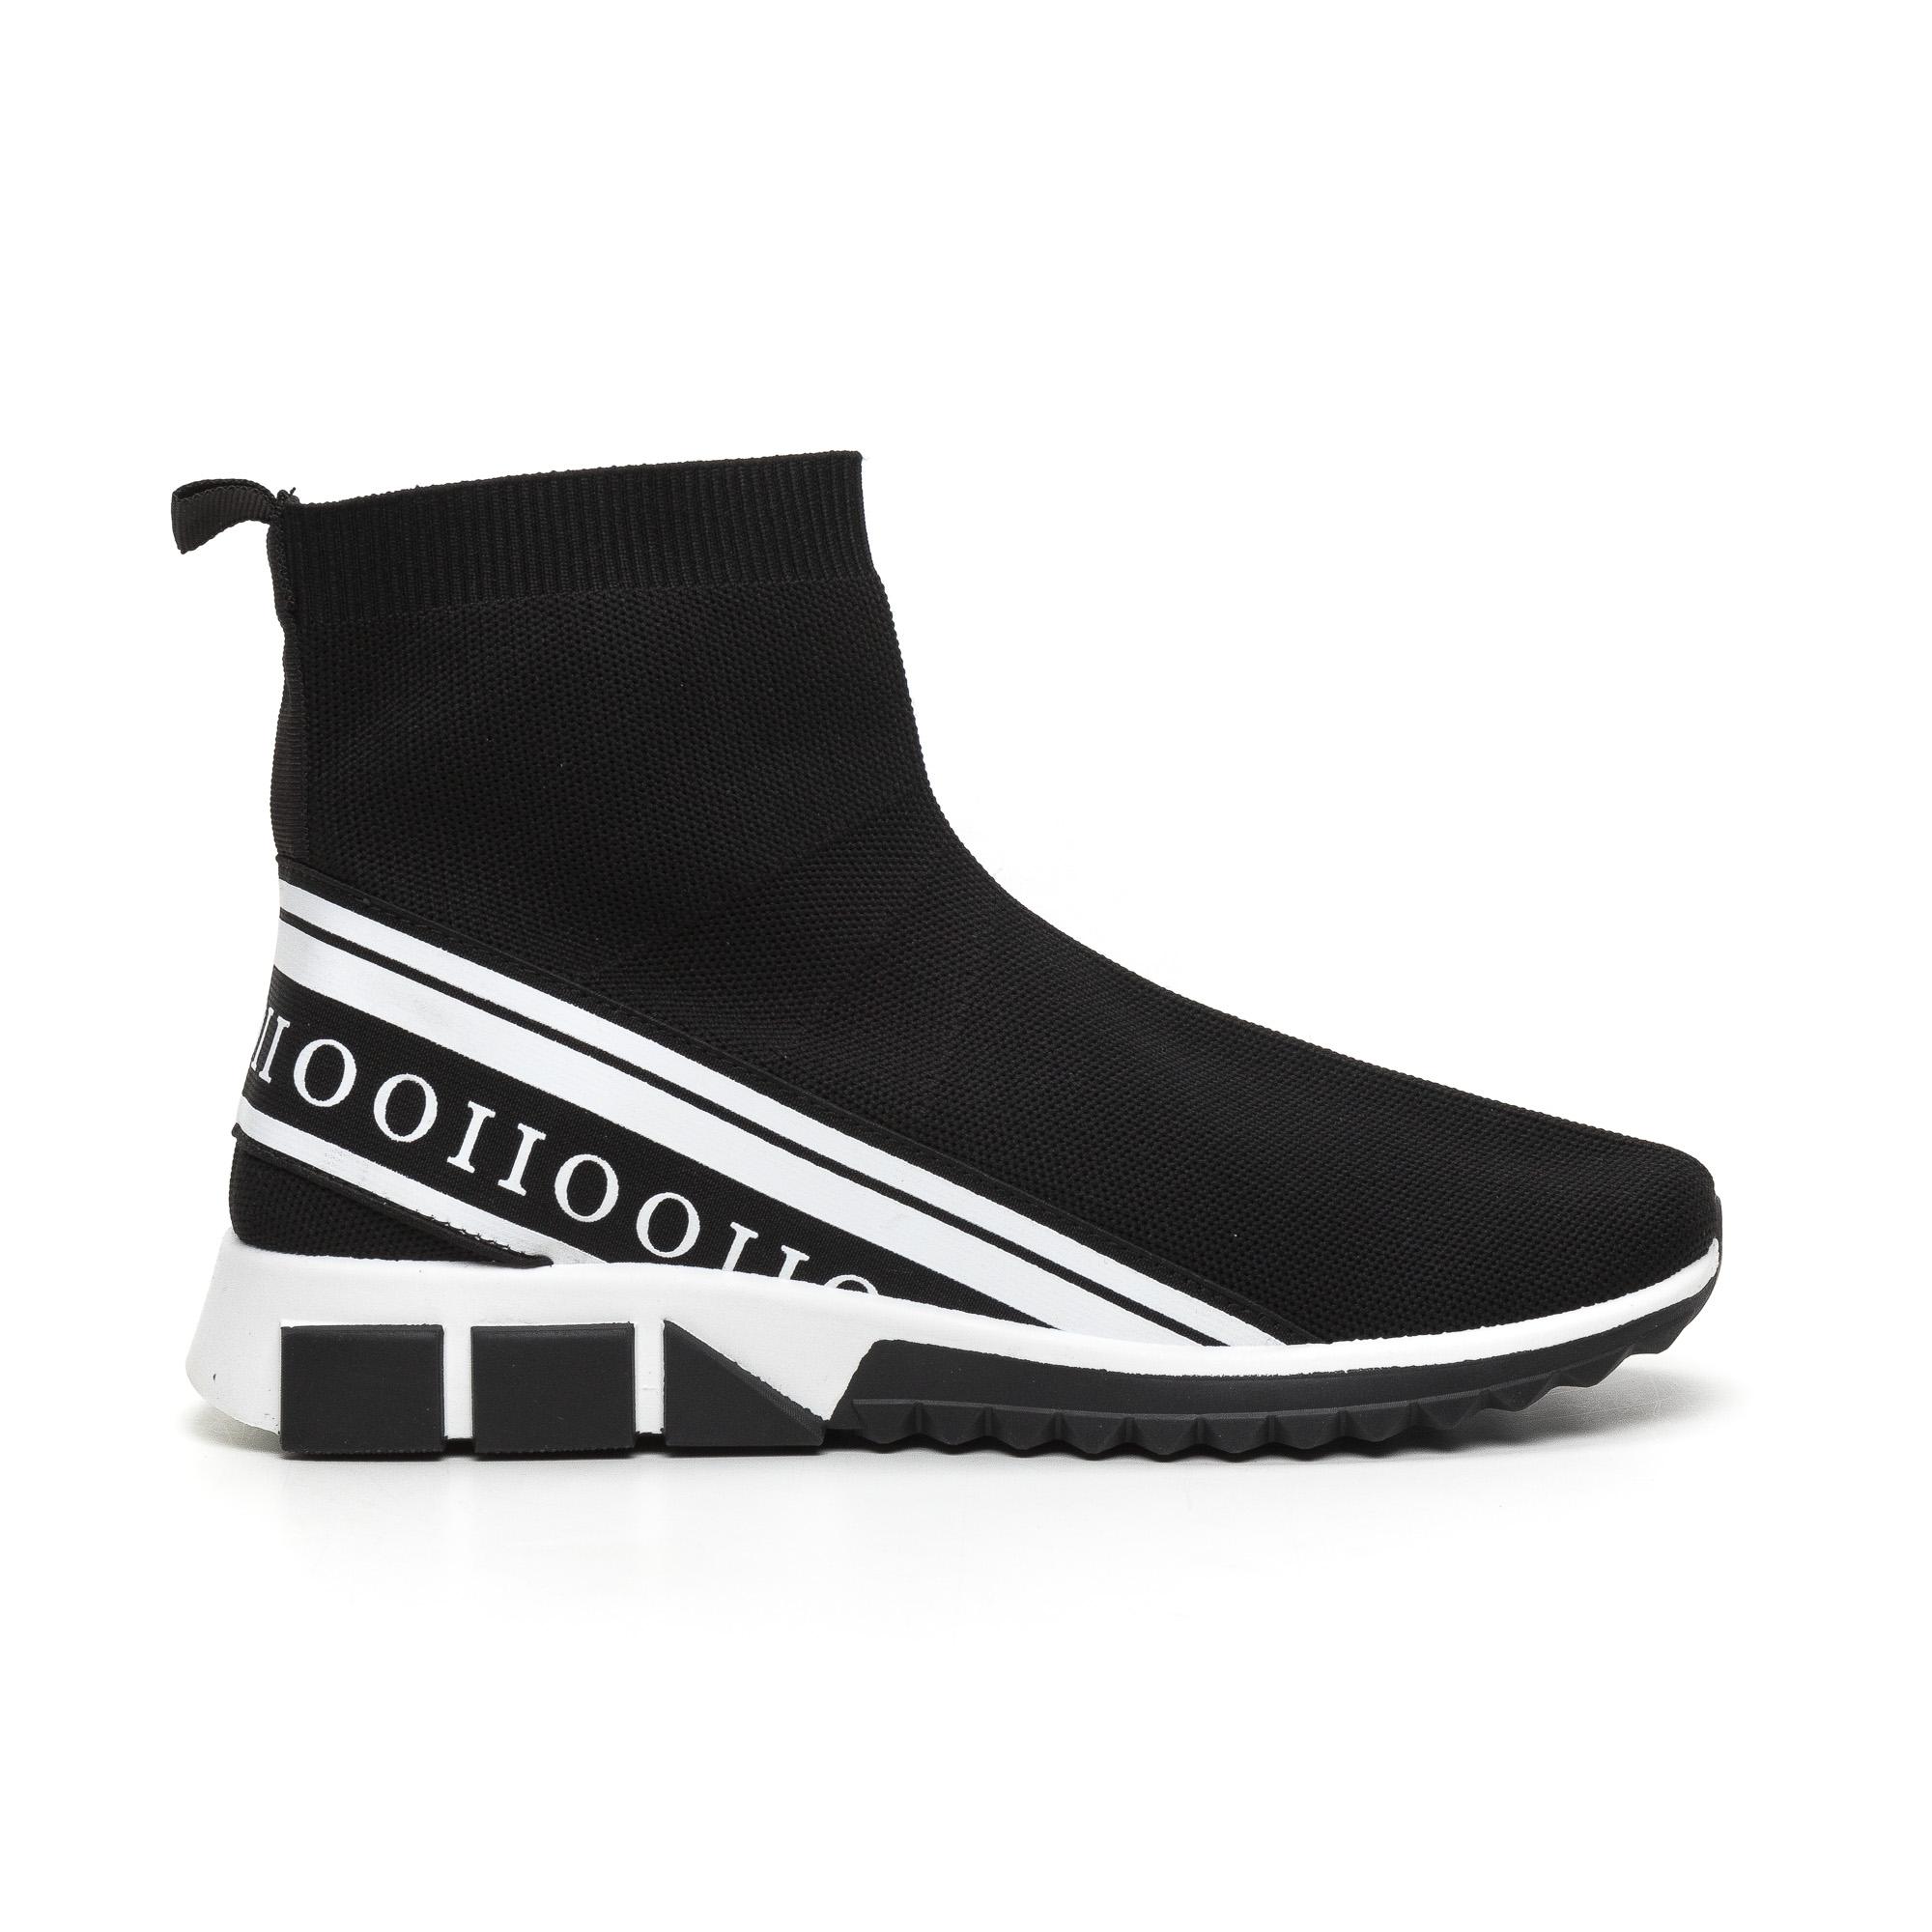 Ανδρικά αθλητικά παπούτσια τύπου κάλτσα με λευκή ρίγα